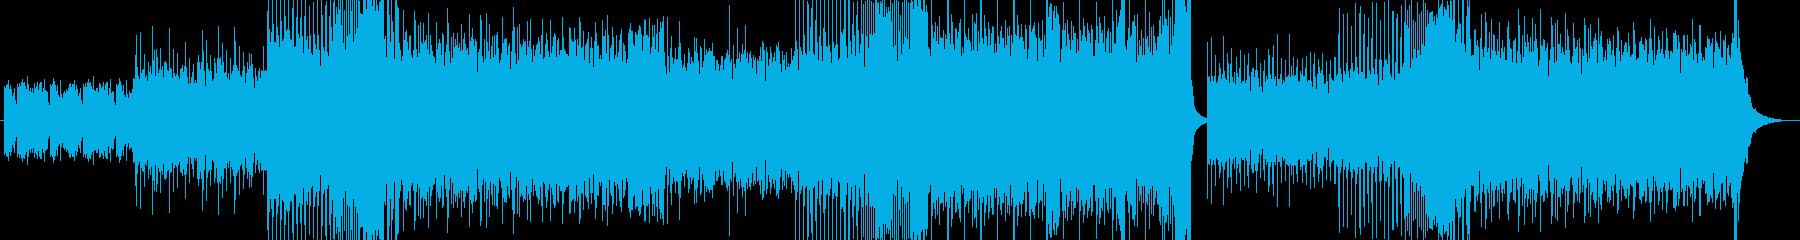 フェス系のノリの良いEDMの再生済みの波形